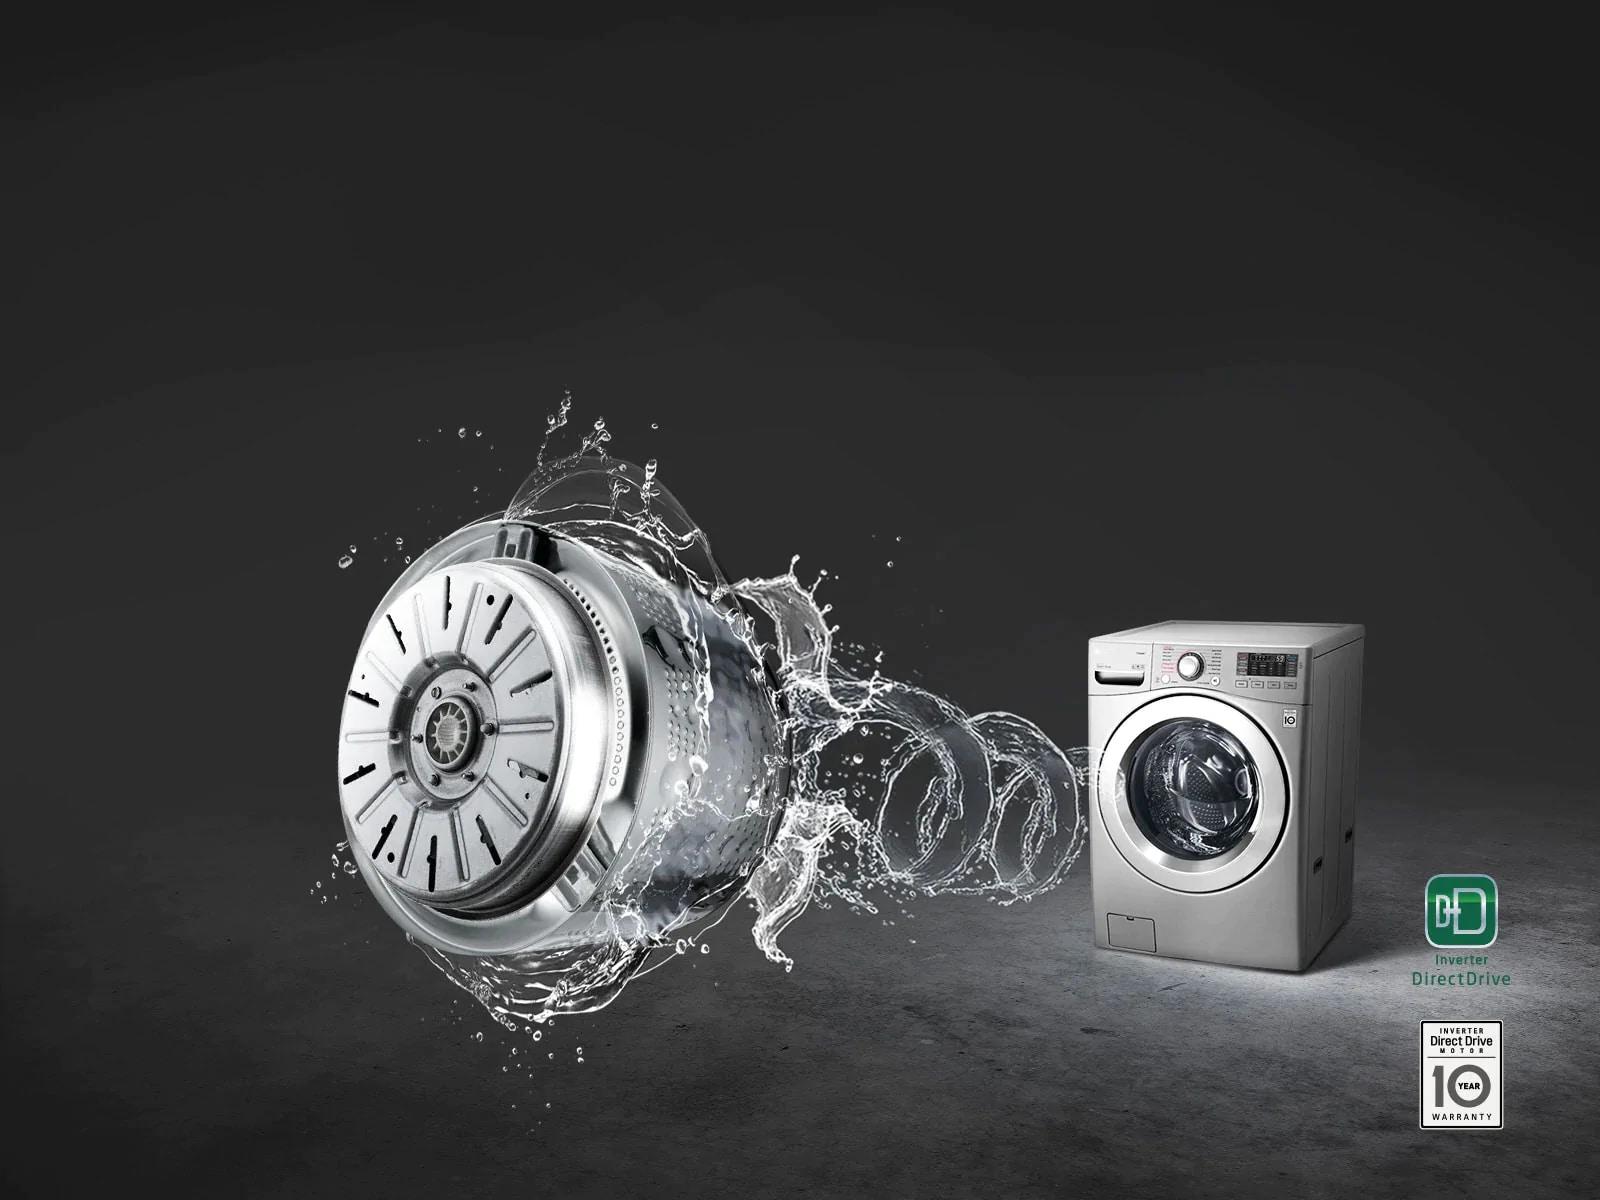 محرك الدفع المباشر ذو العاكس